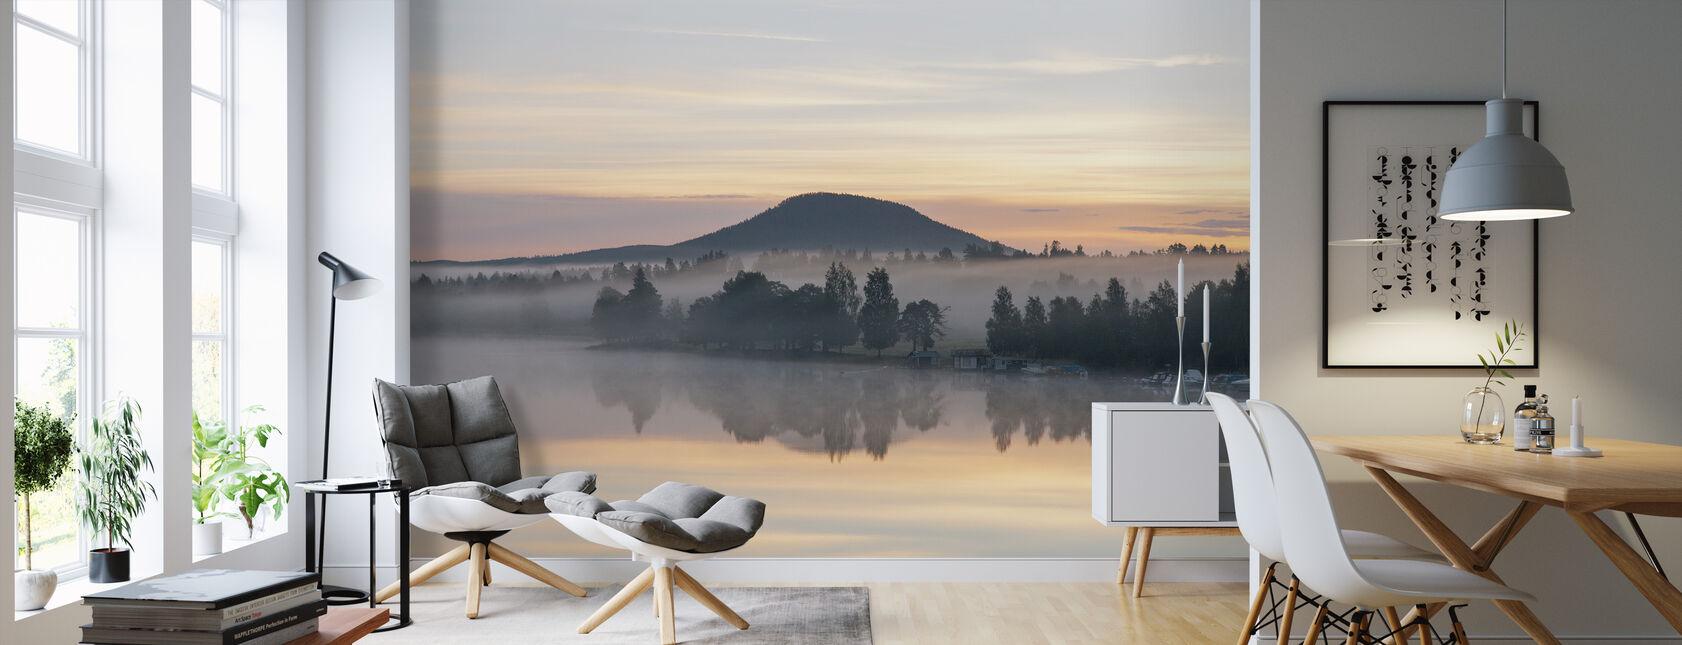 Lake Ljusnan voor zonsopgang - Behang - Woonkamer